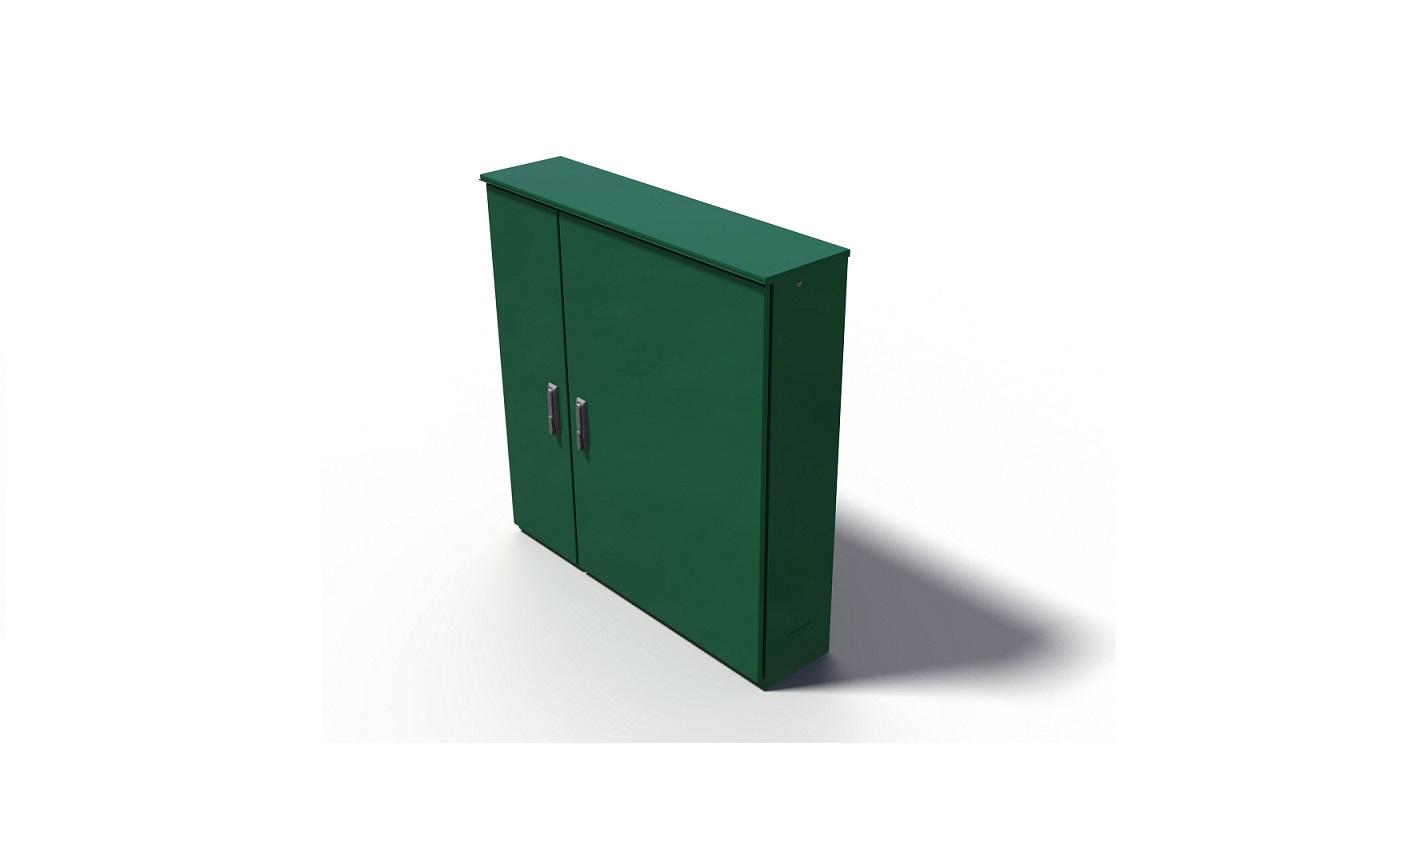 RVS montagekast met twee deuren